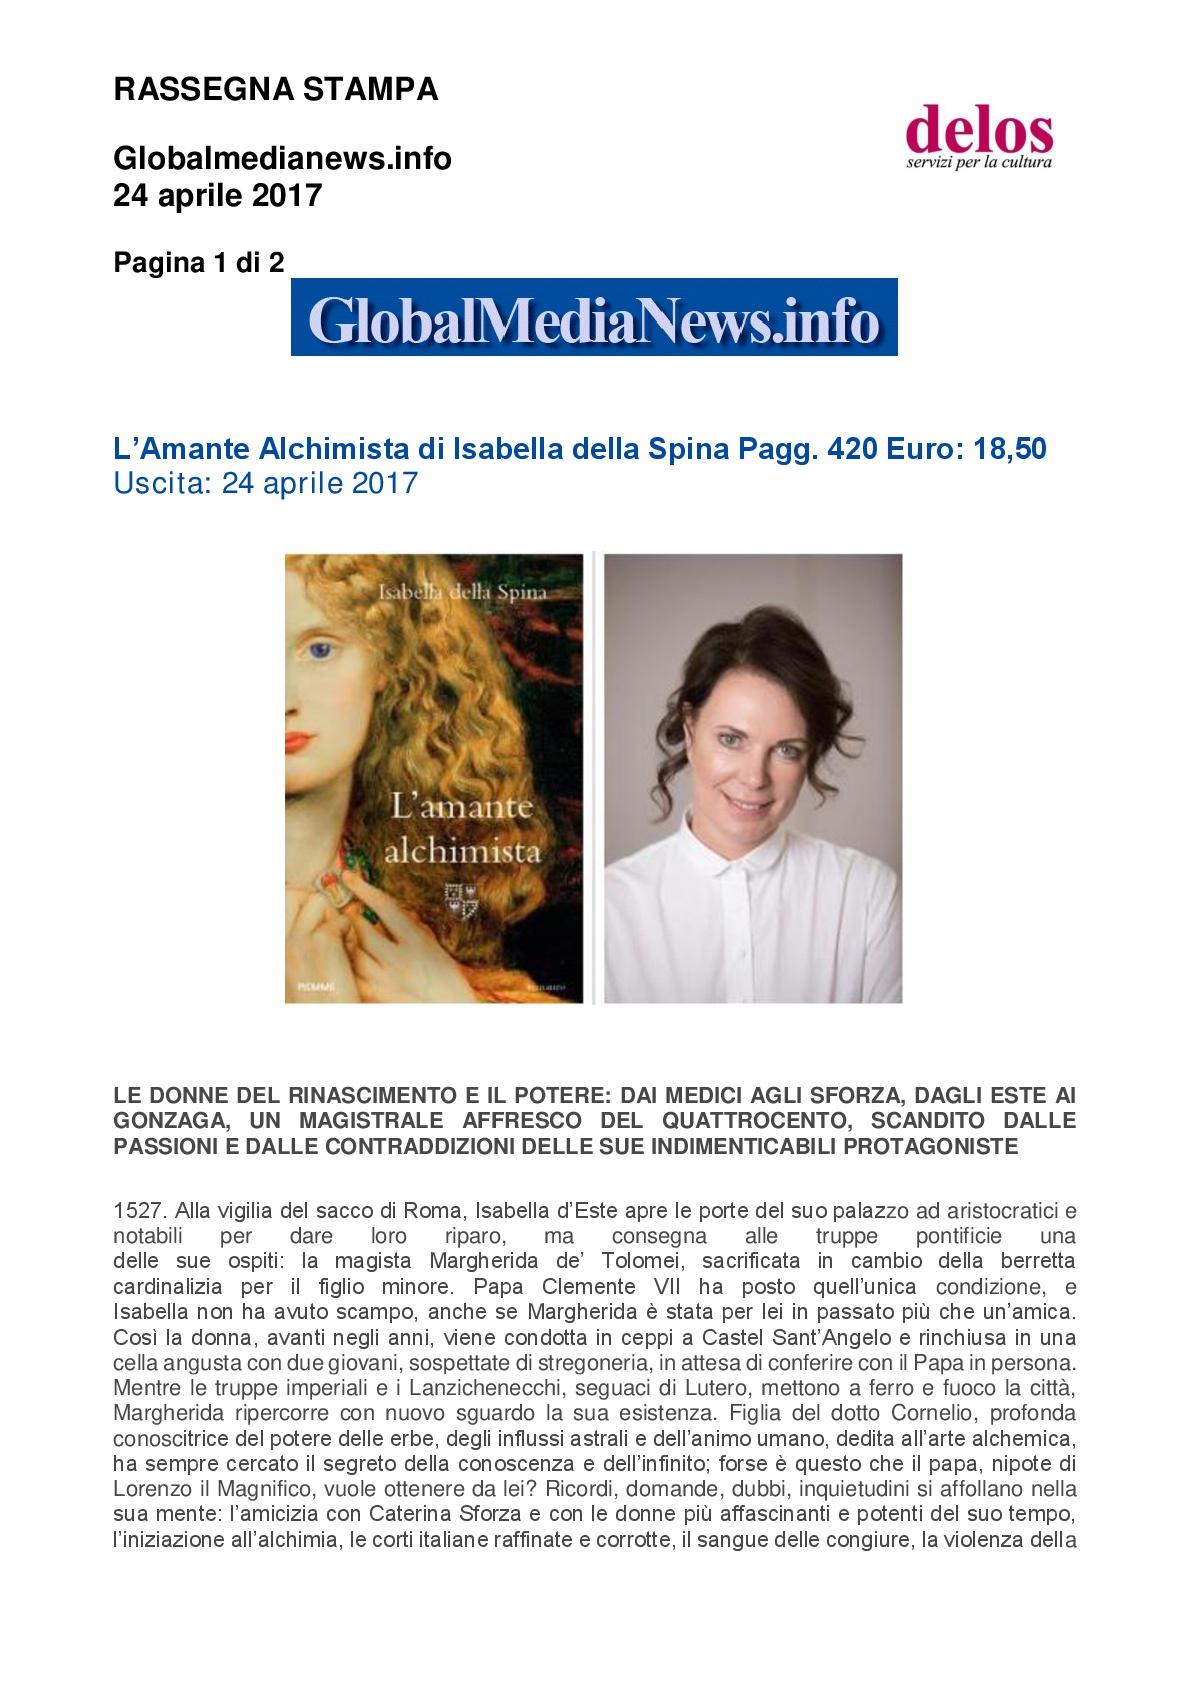 Globalmedianews.info 24-04-2017 001